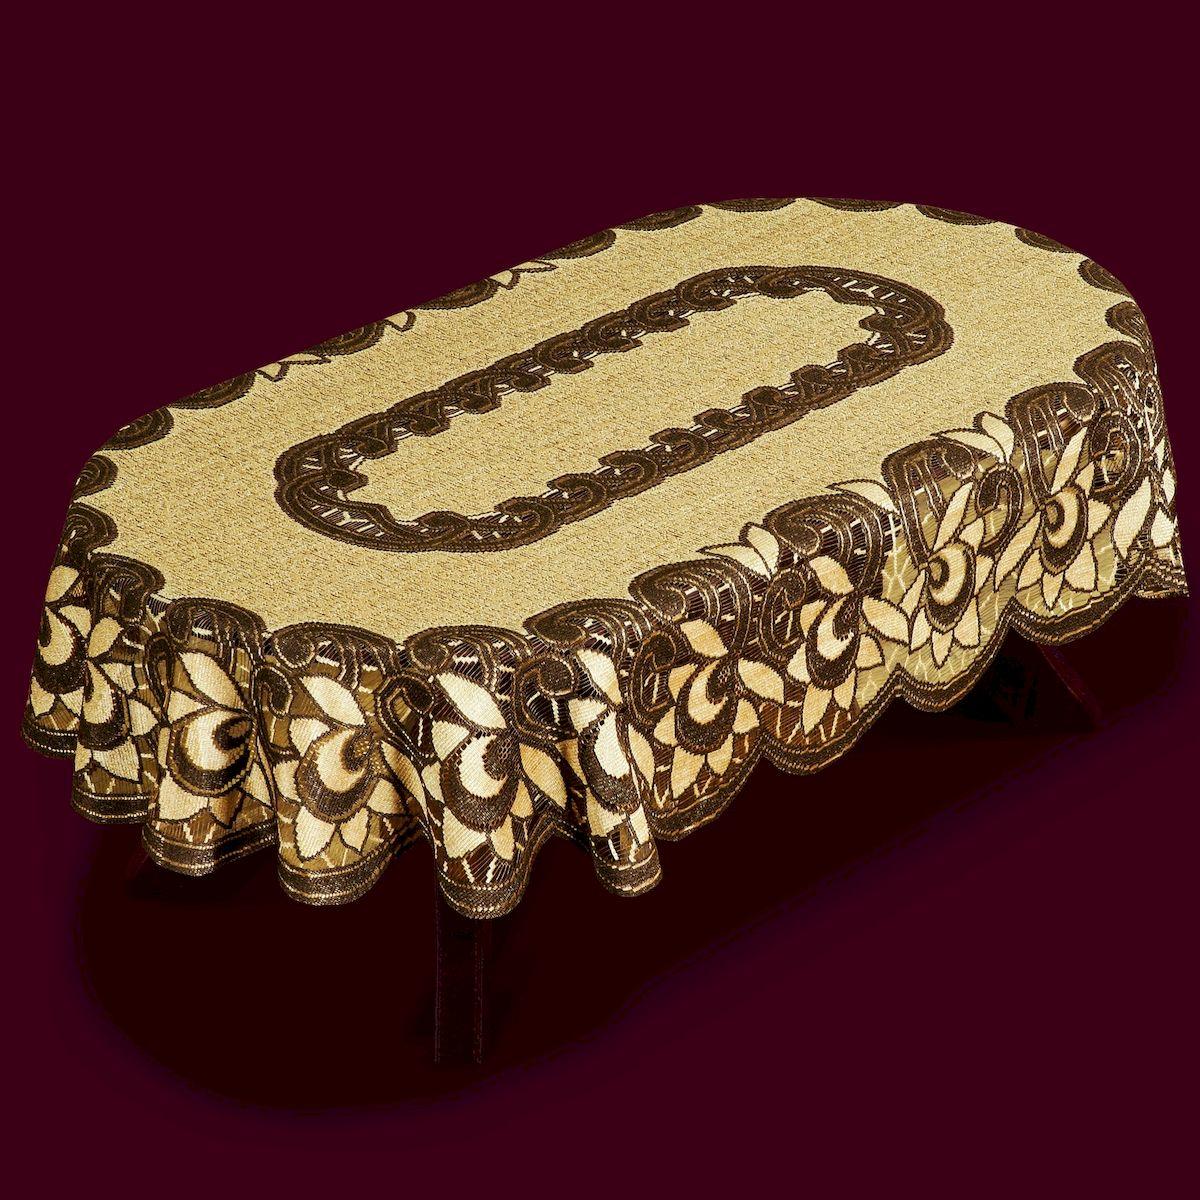 Скатерть Haft, овальная, цвет: коричневый, бежевый, 150 x 100 см. 3878138781/100 кофейно-коричн.Великолепная скатерть Haft, выполненная из полиэстера, органично впишется в интерьер любого помещения, а оригинальный дизайн удовлетворит даже самый изысканный вкус. Скатерть Haft создаст праздничное настроение и станет прекрасным дополнением интерьера гостиной, кухни или столовой.